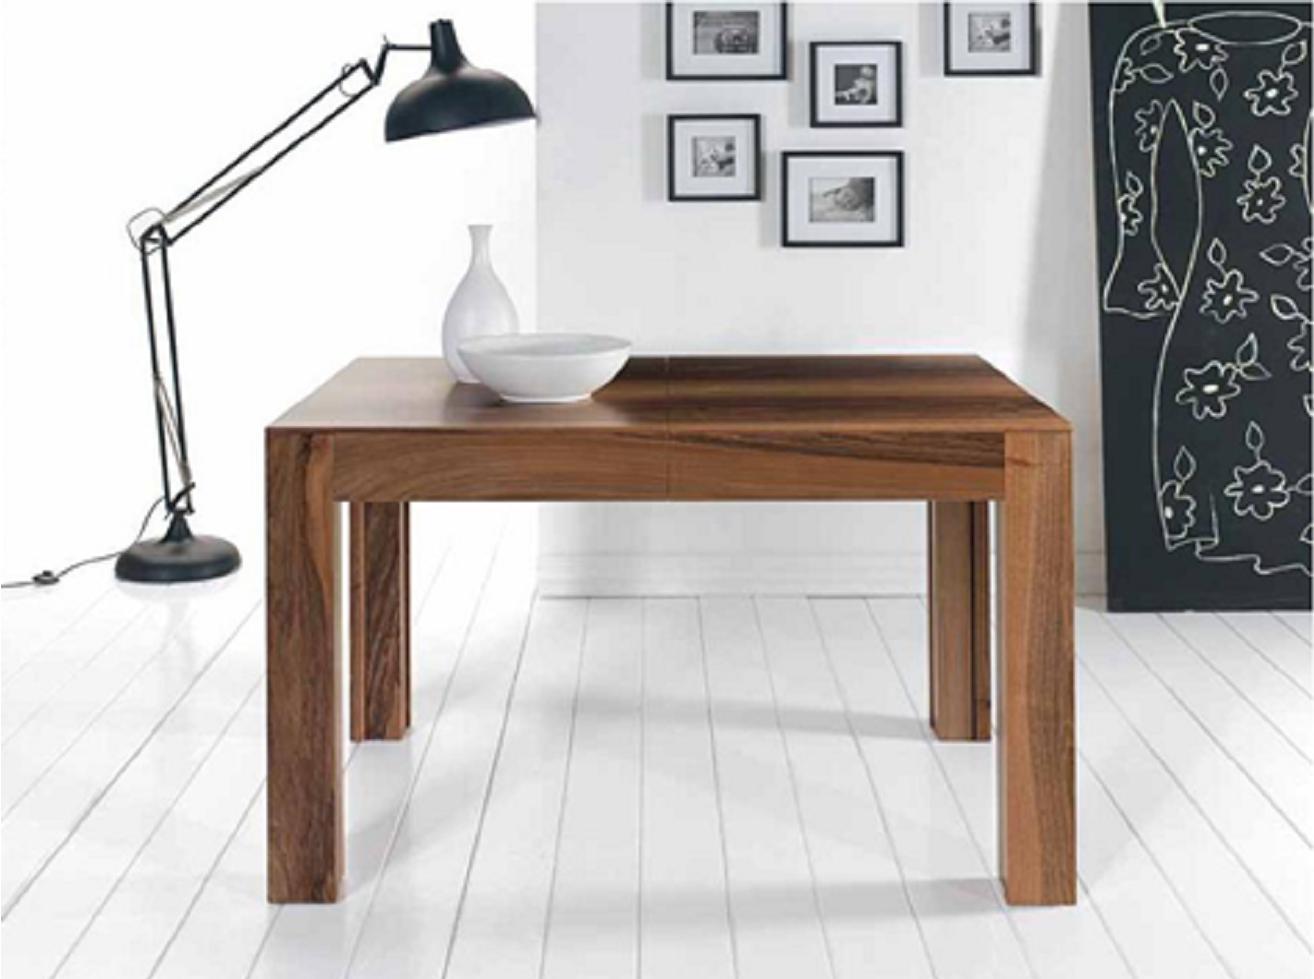 La tavola arredamenti tavoli e sedie mobili in legno massello massiccio quarrata pistoia - Tavolo quadrato allungabile legno massello ...